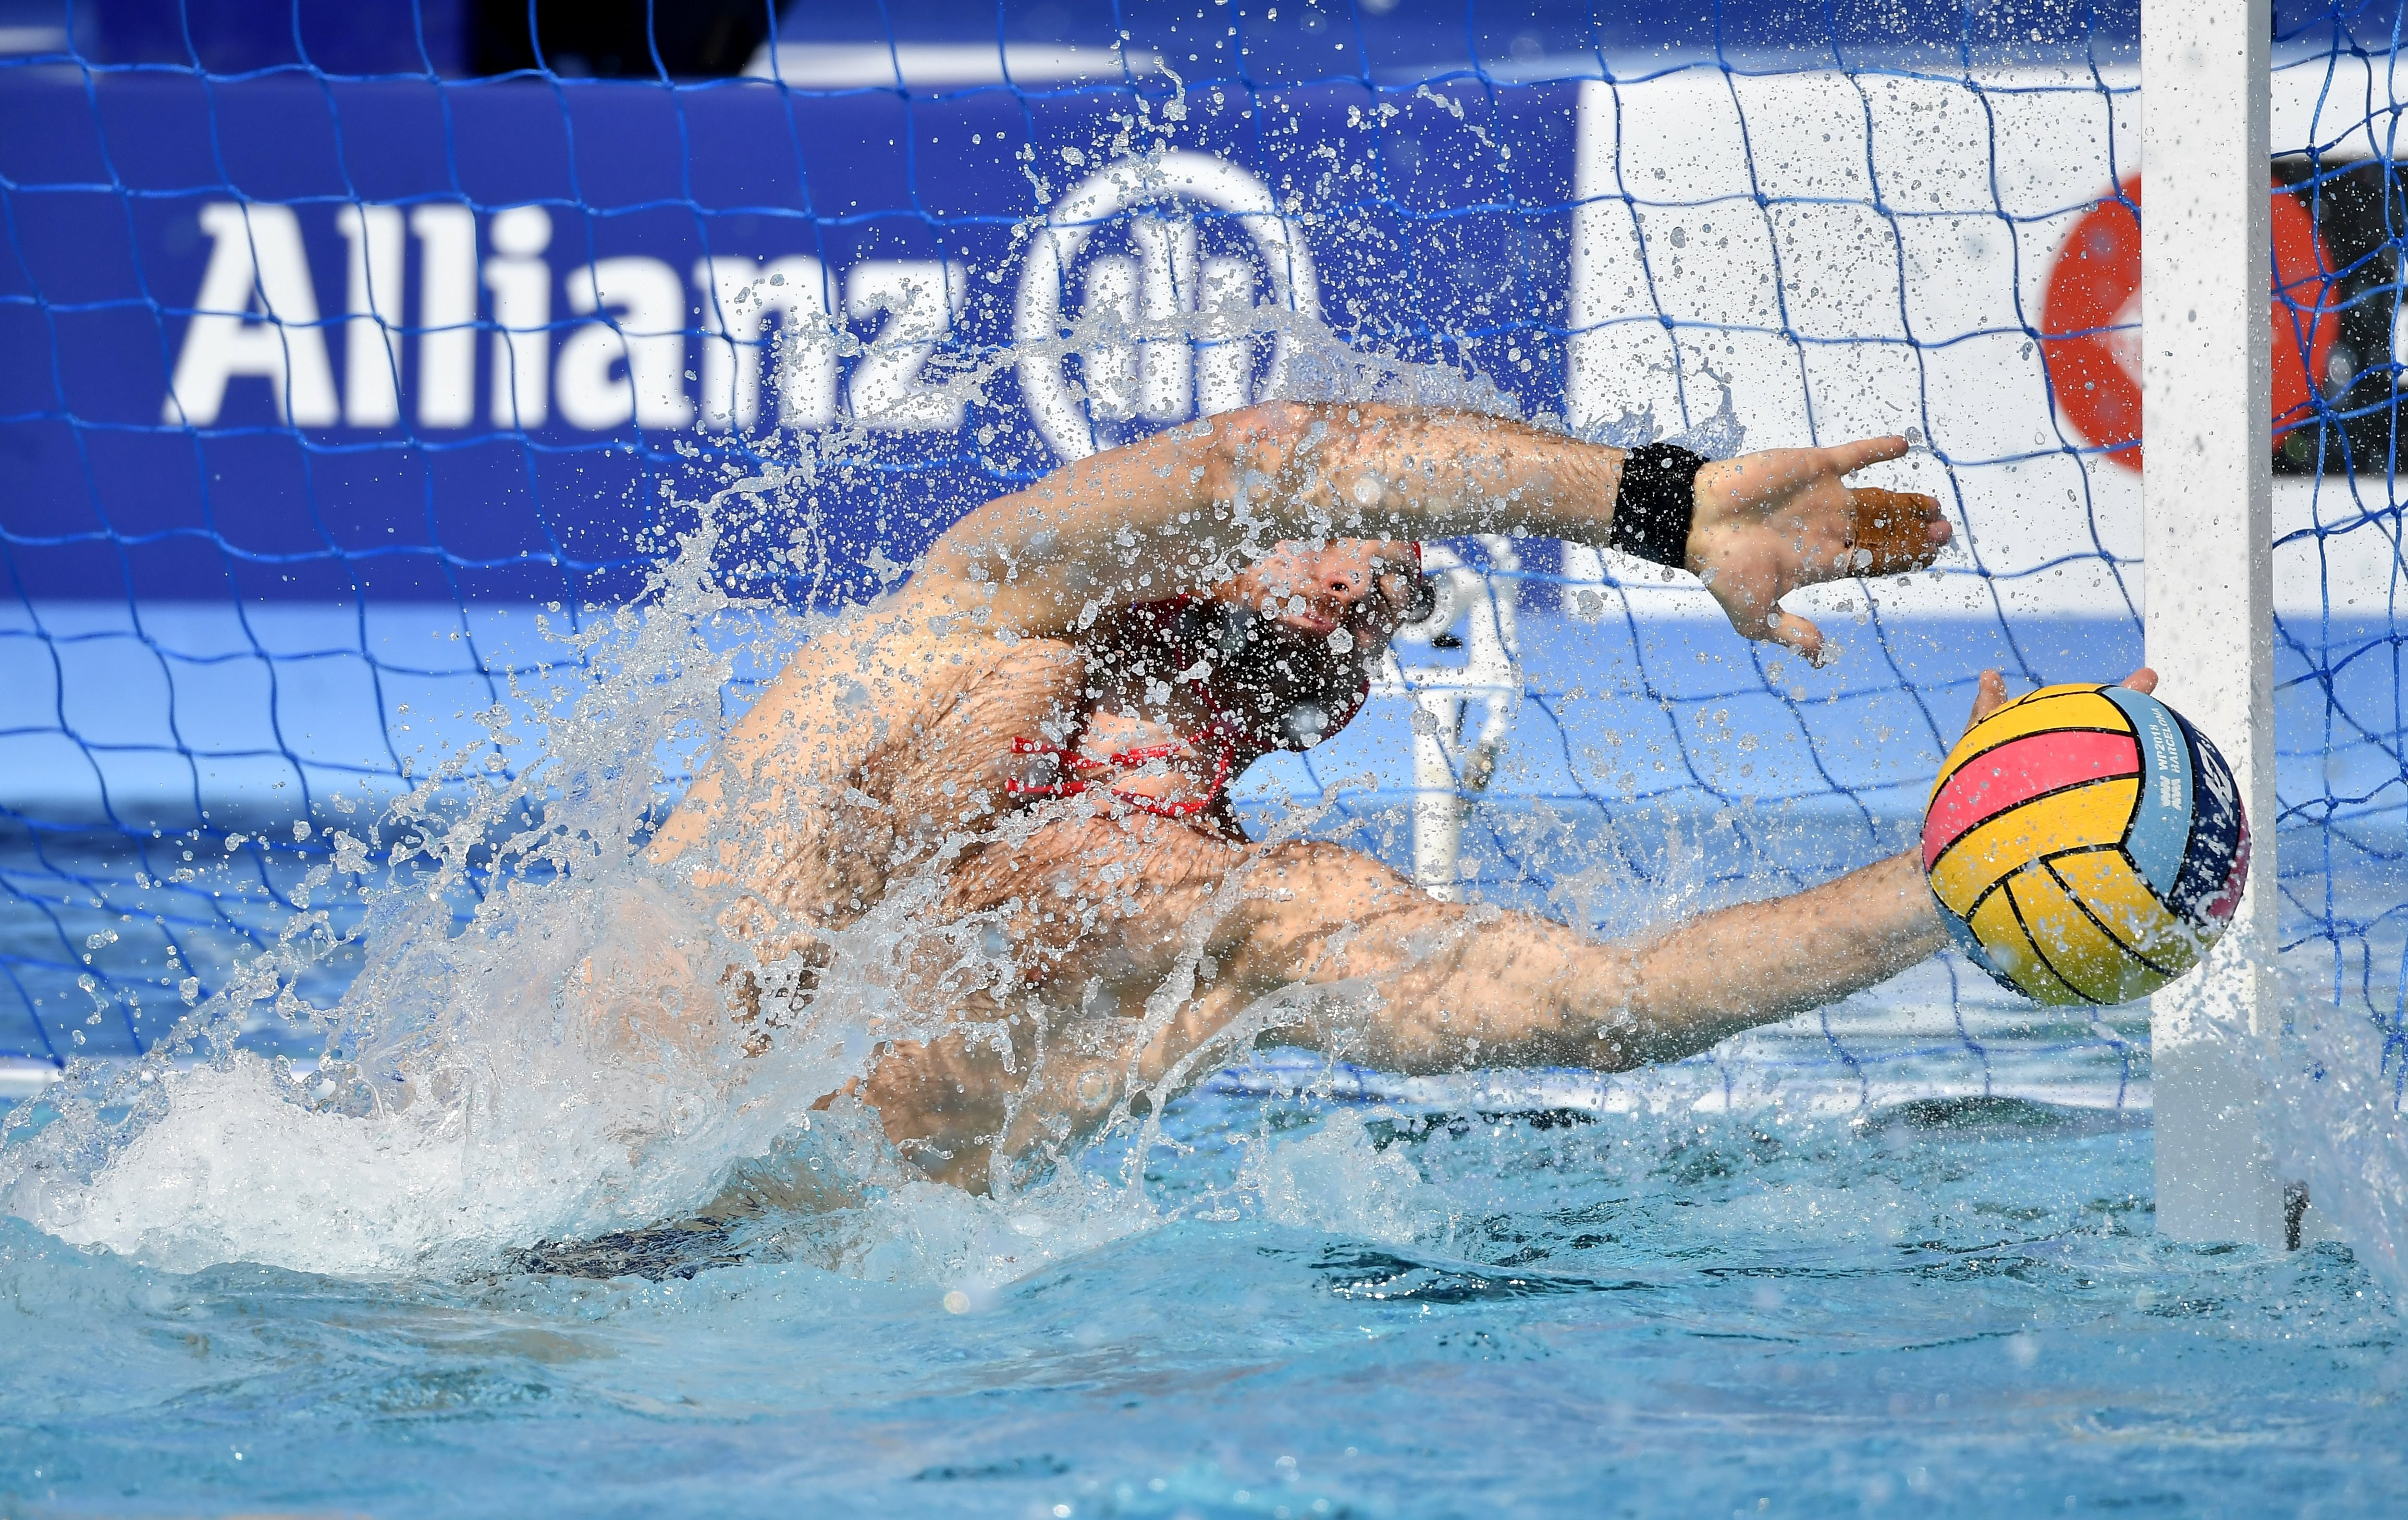 Vízilabda-Eb - Szerbia Európa-bajnok és itt vannak a további eredmények